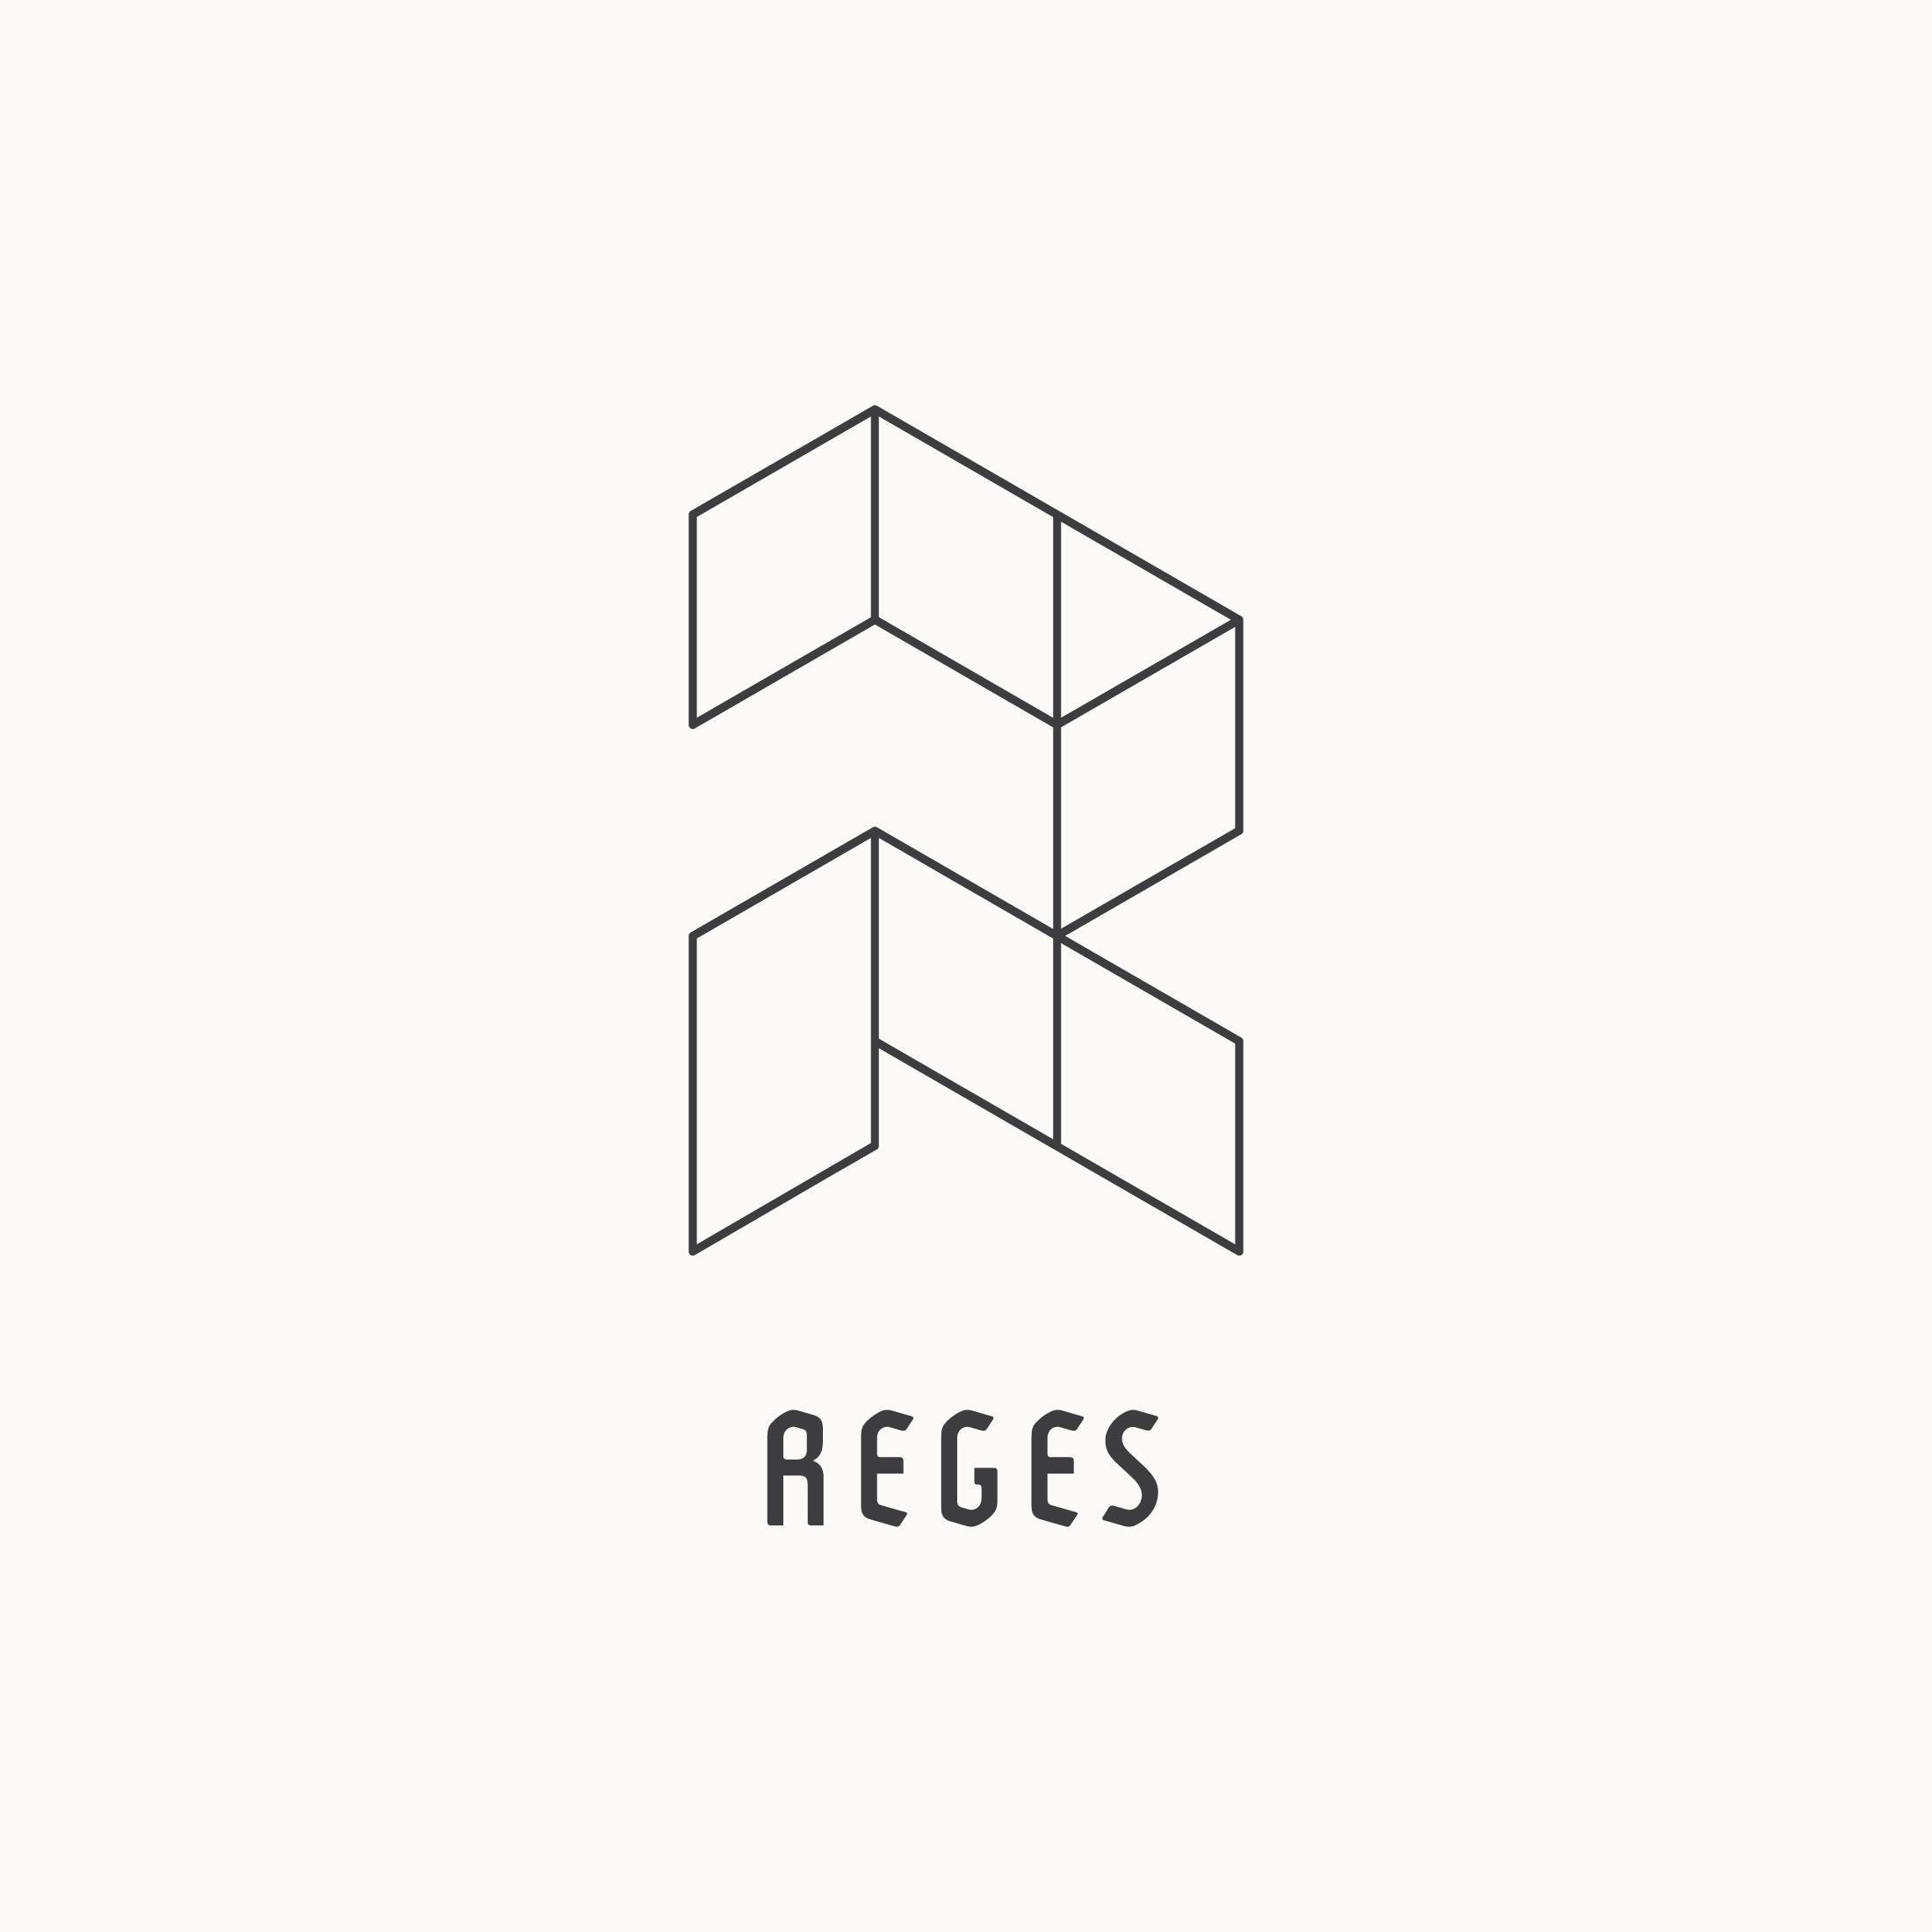 Reges